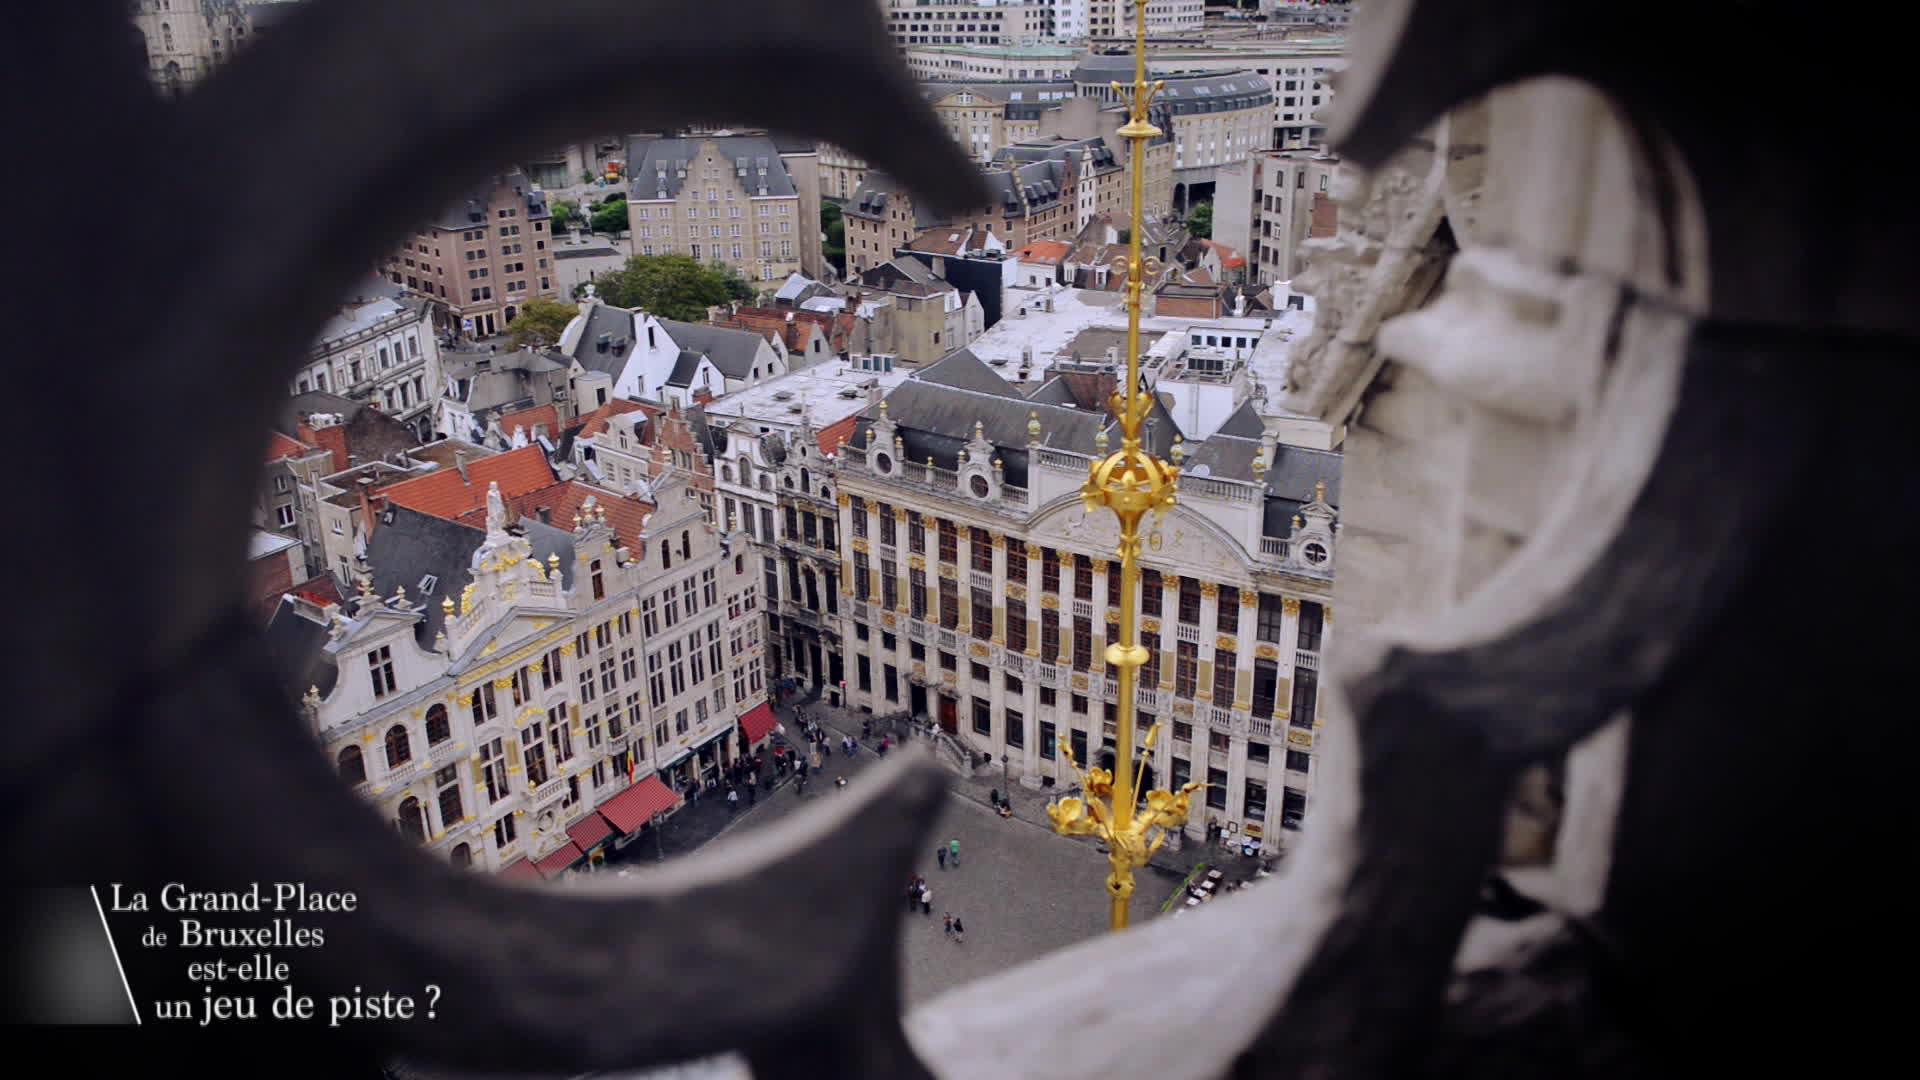 La Grand-Place de Bruxelles est-elle un jeu de piste ?